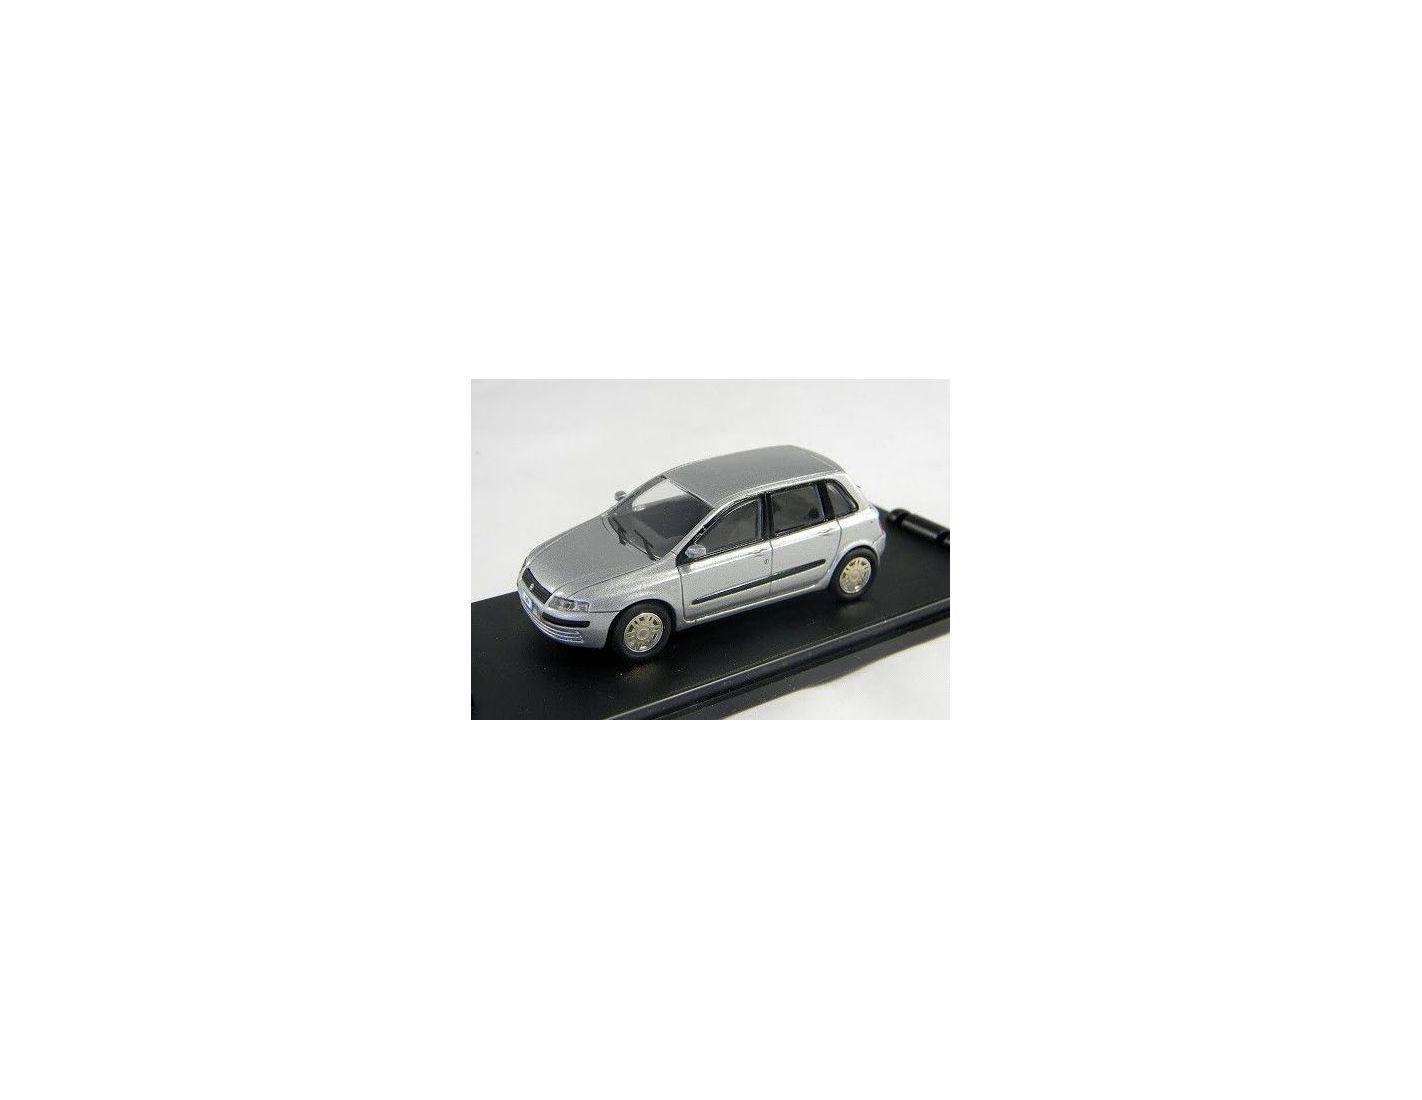 Giocher FST01 FIAT STILO CINQUE PORTE plata 1 43 Modellino